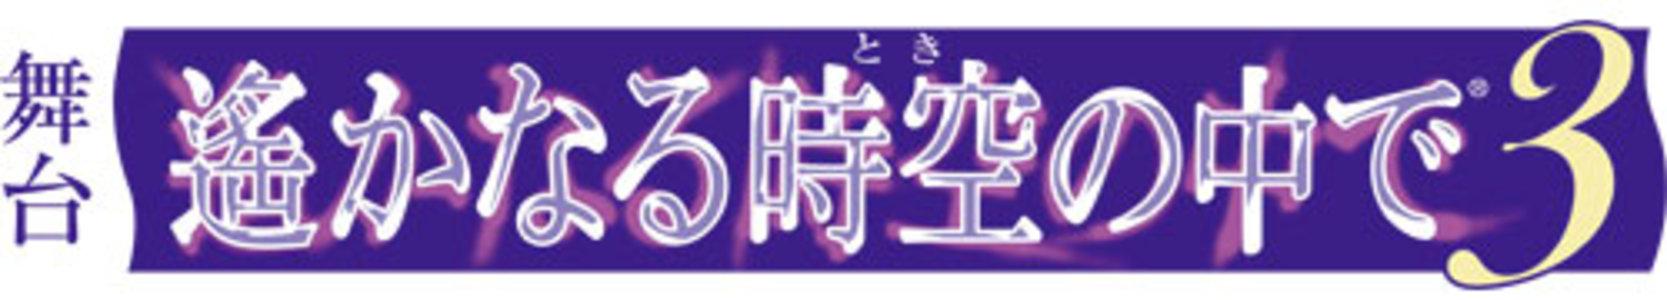 舞台「遙かなる時空の中で3」東京公演 12/7 夜